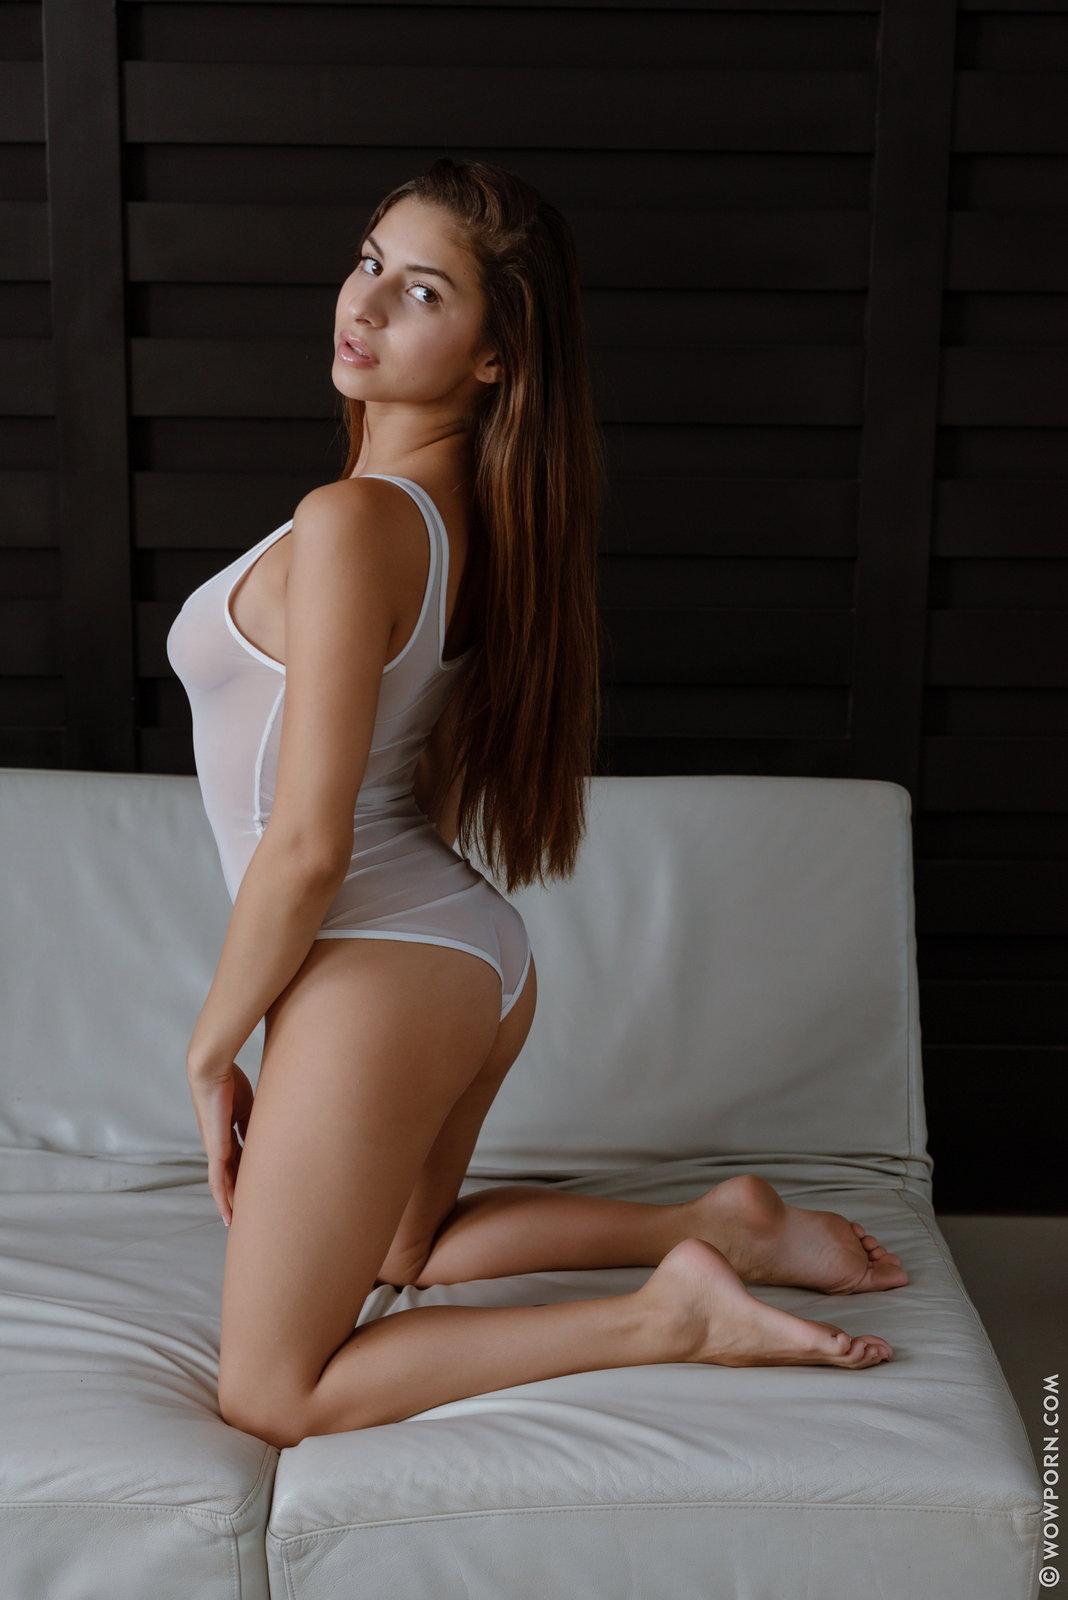 Zdjęcie porno - 104 - Bruneta z pięknymi oczkami